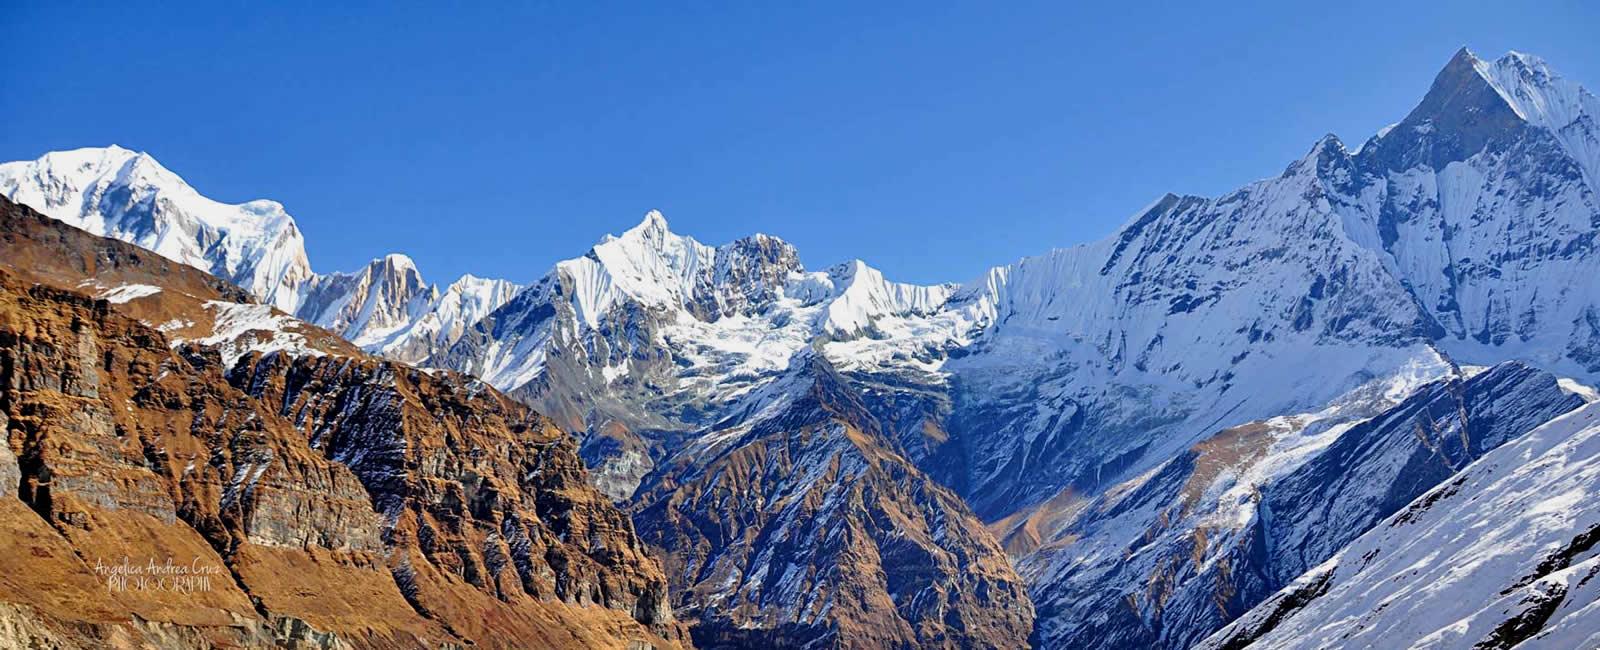 Hiking & Trekking in Nepal